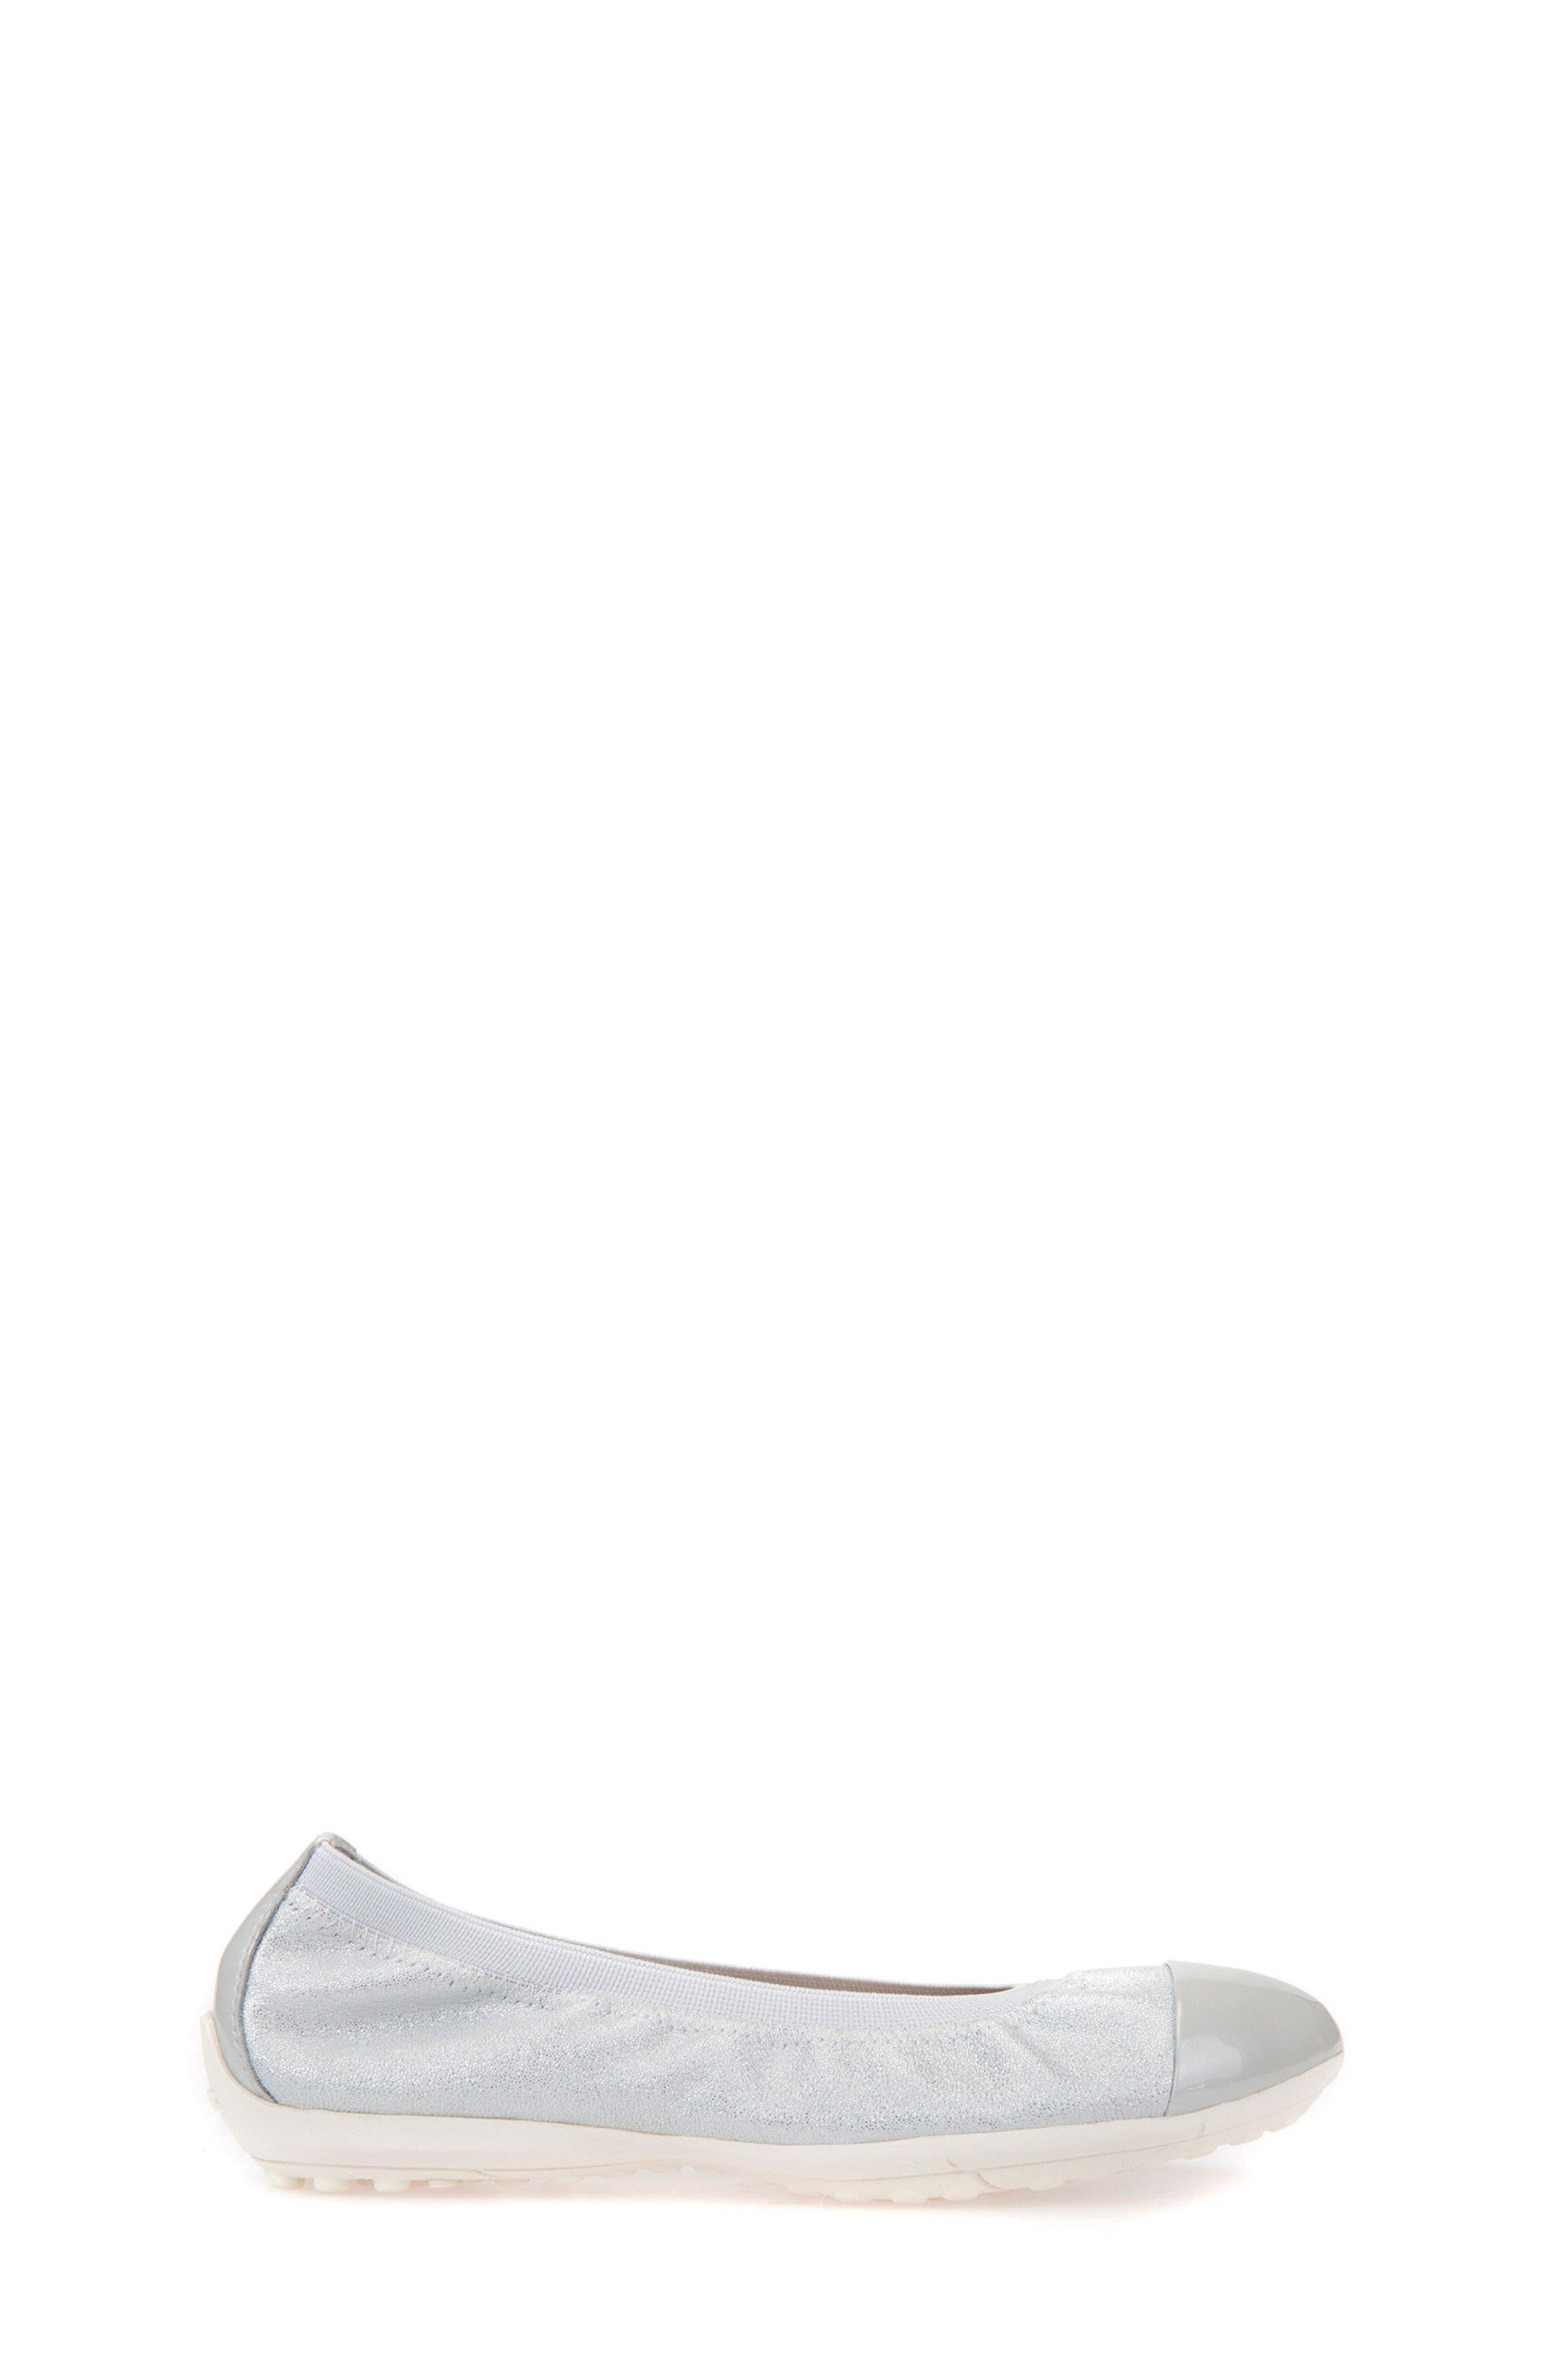 GEOX, Piuma Cap Toe Glitter Ballerina Flat, Alternate thumbnail 3, color, PEARL